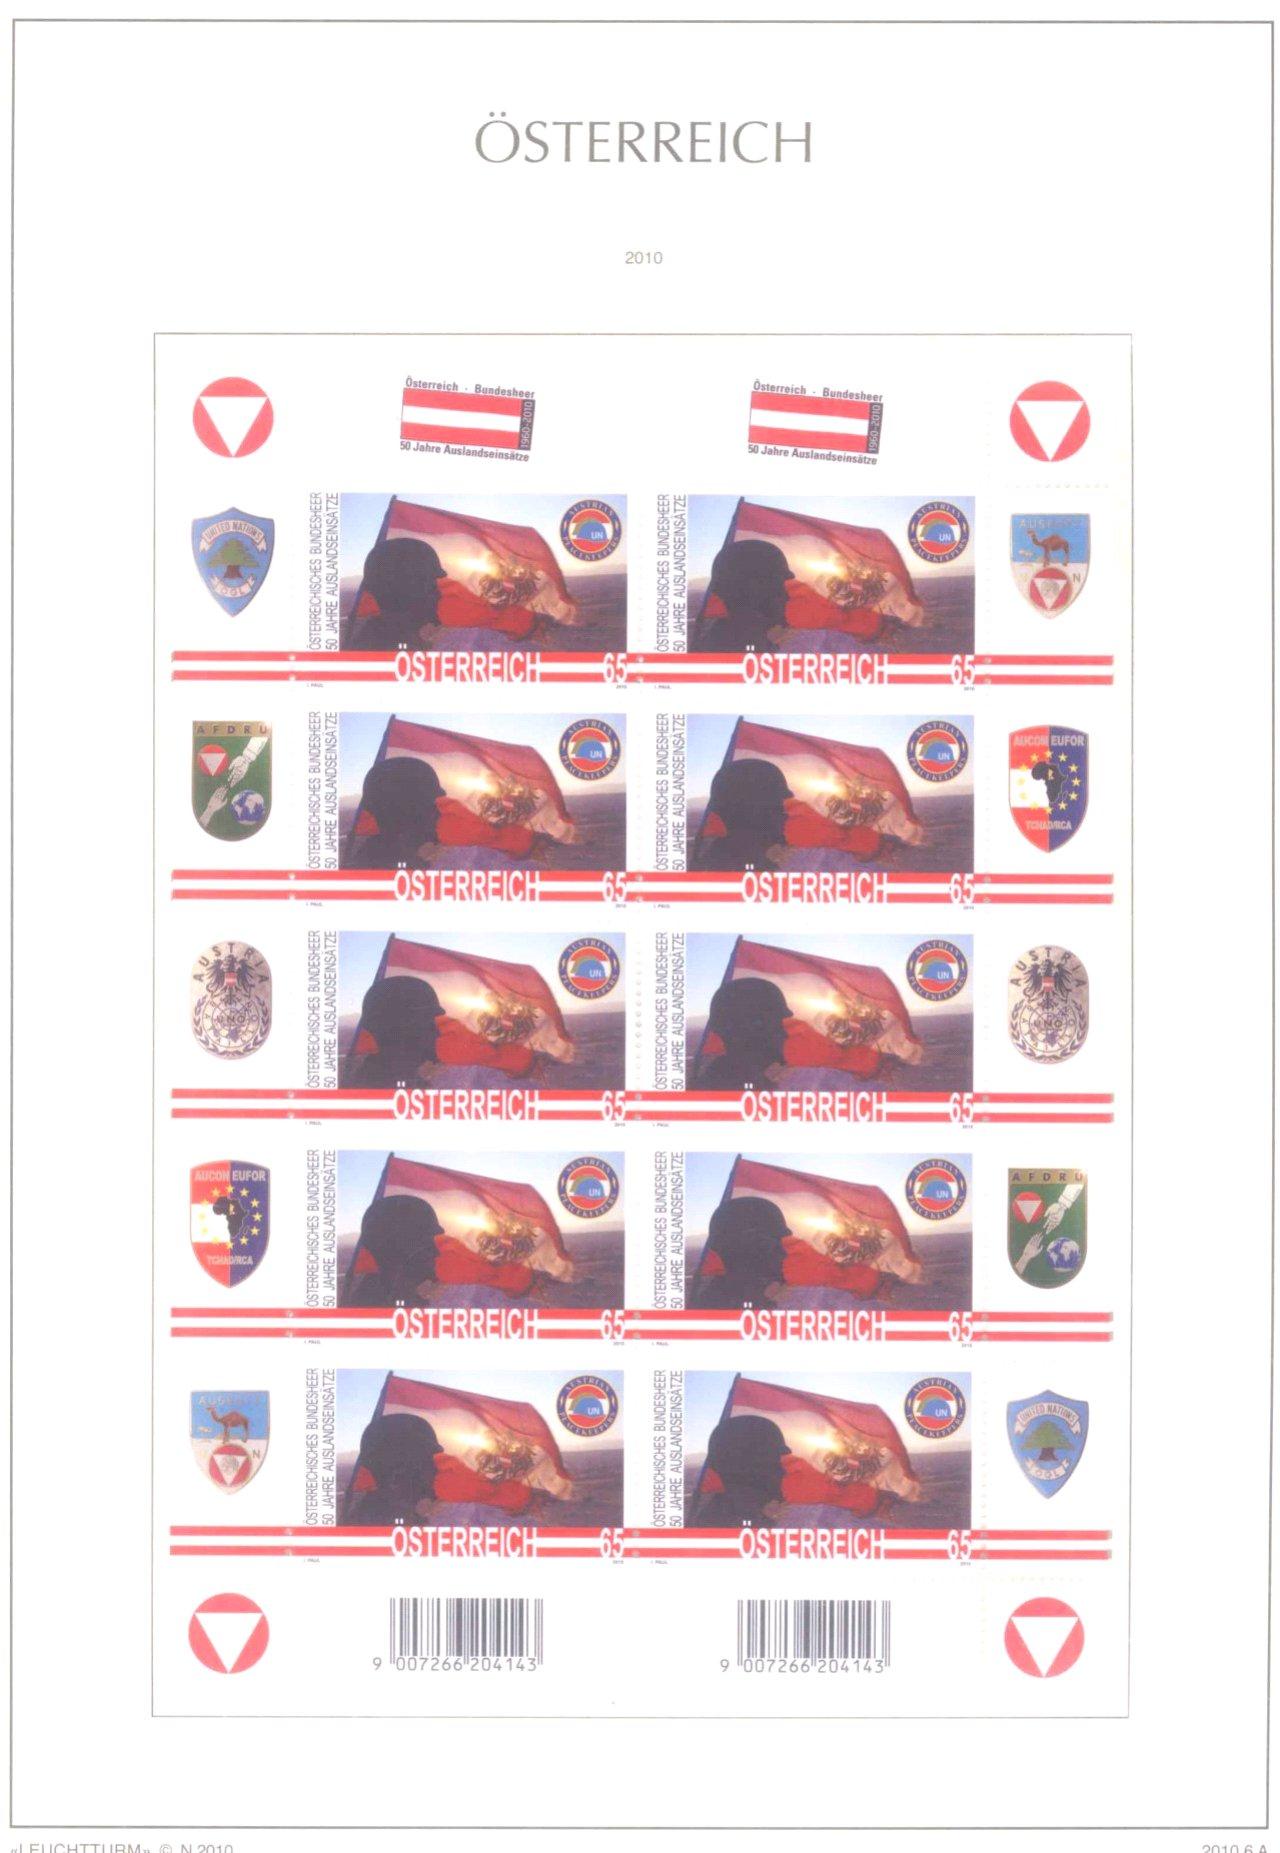 Österreich, 2006-2016 postfrisch, über 1000 Euro Nomi